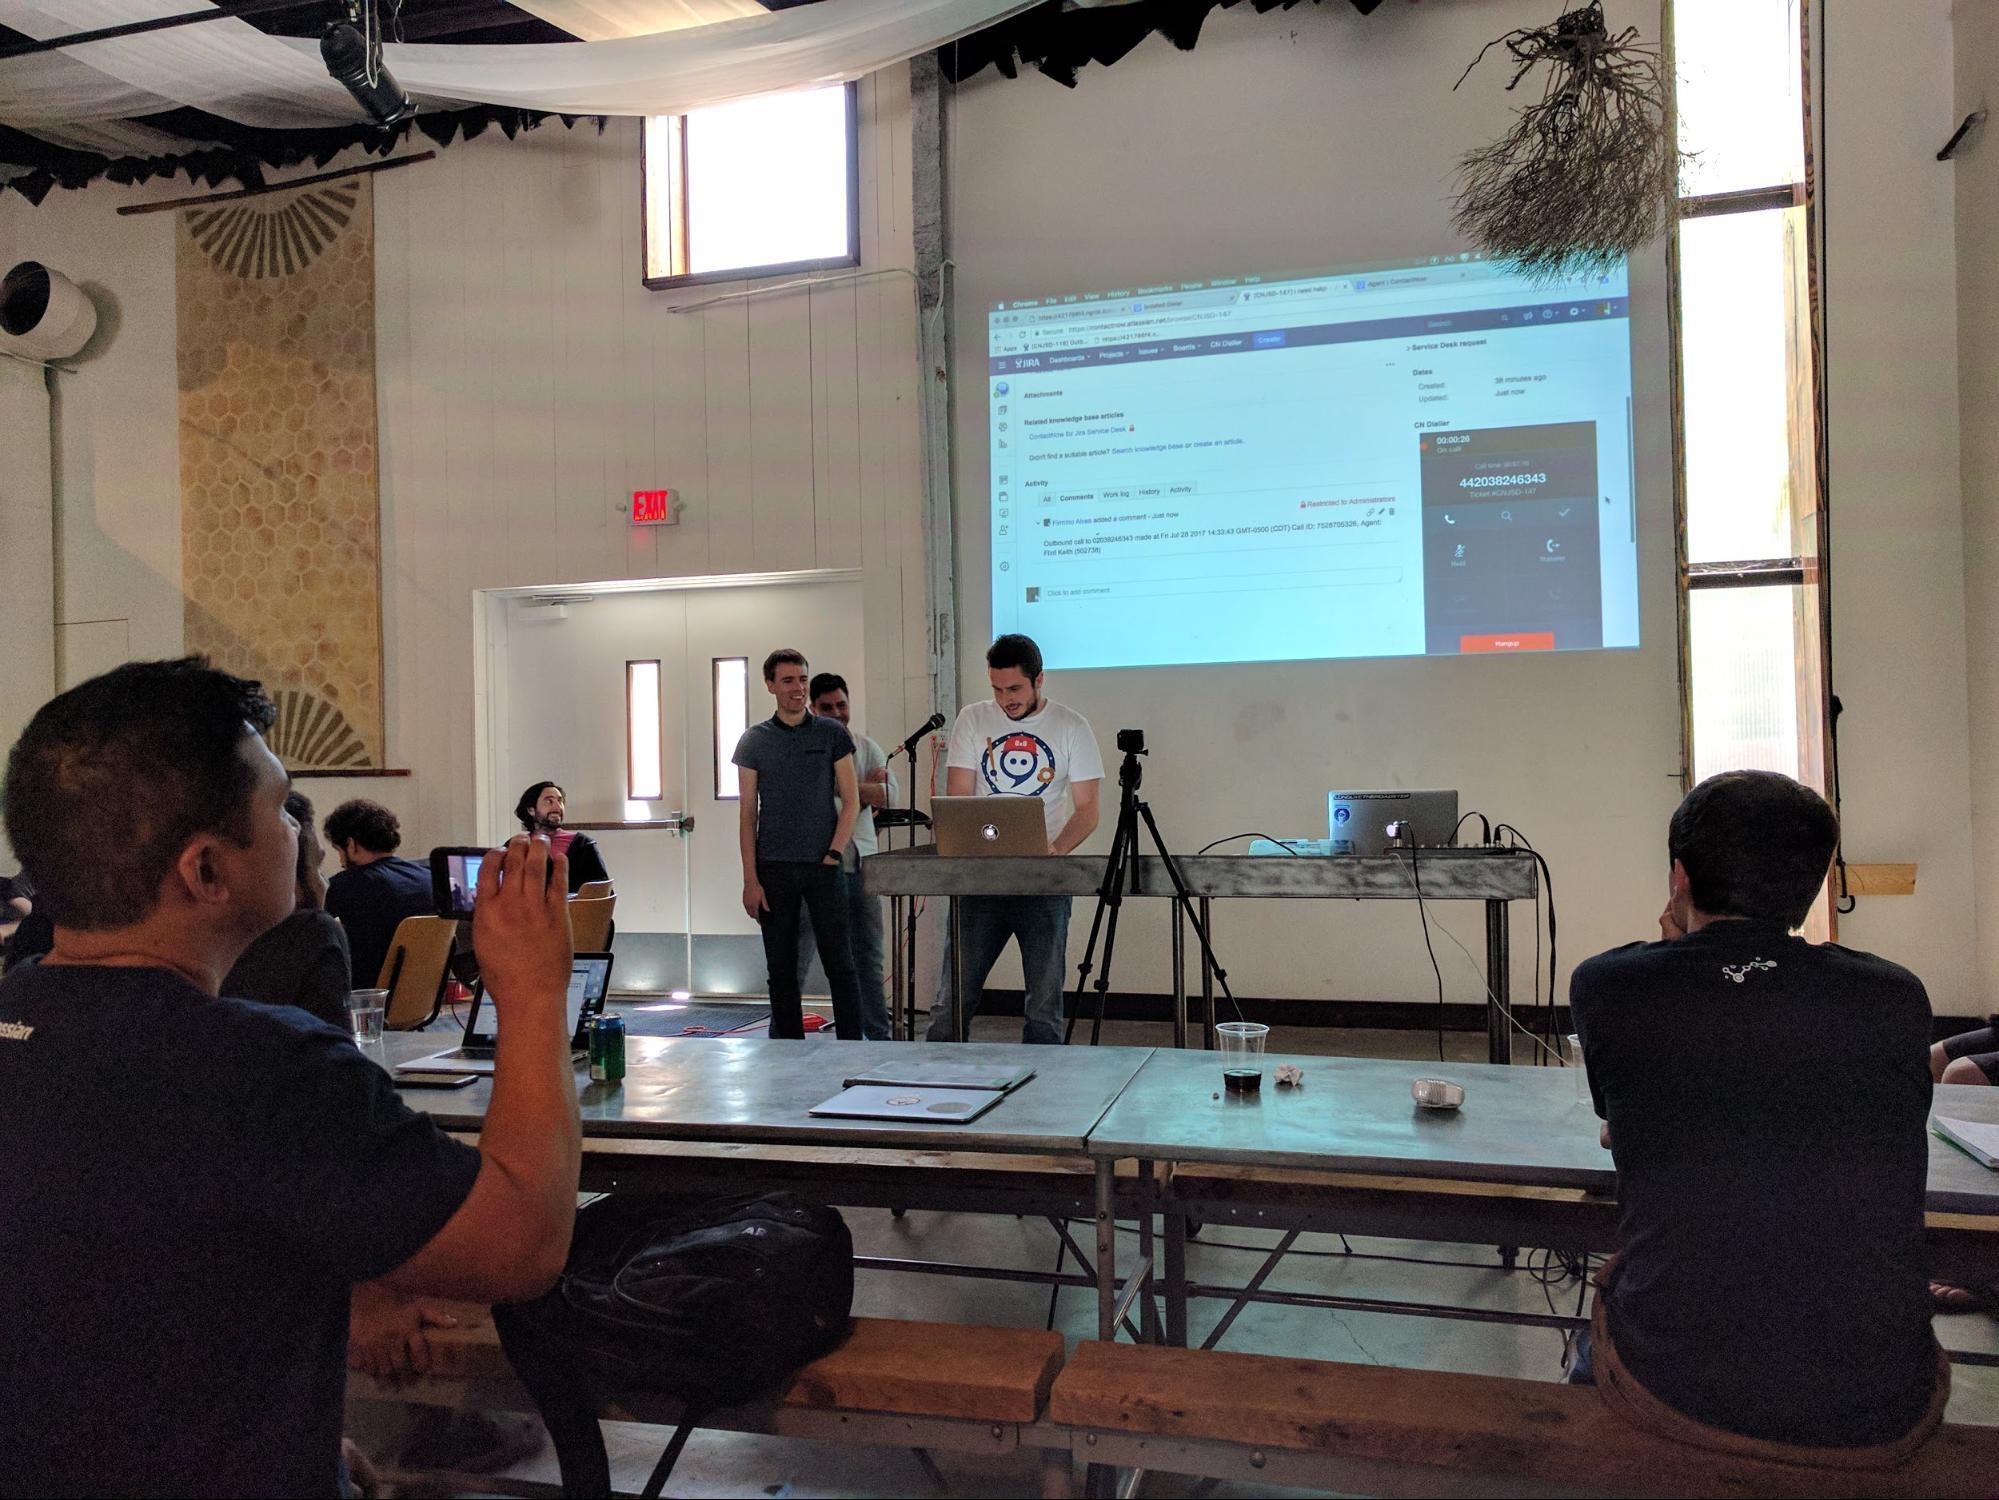 Atlassian app demonstrations